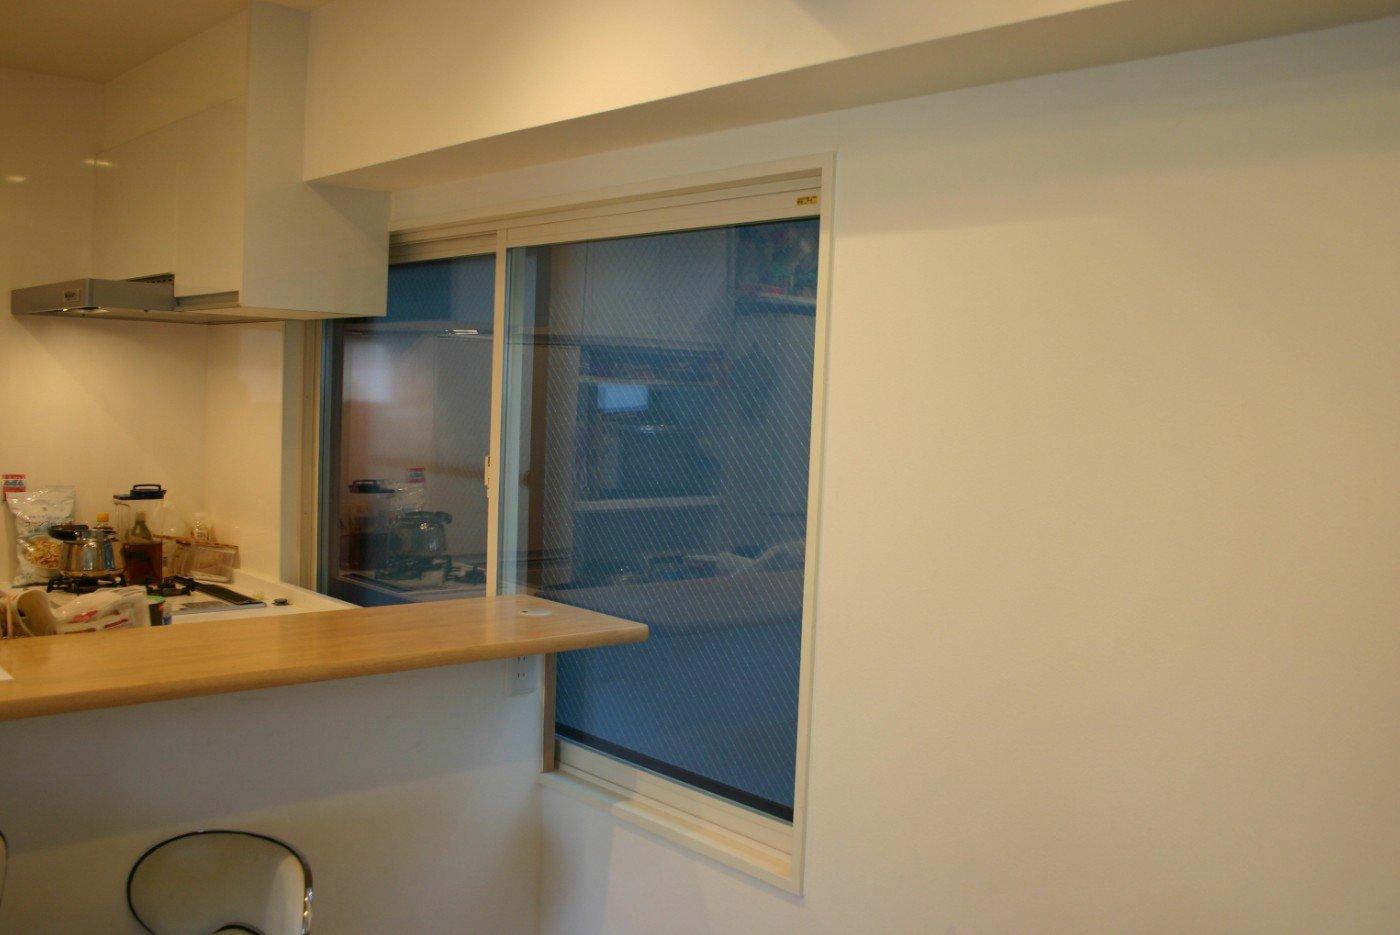 インプラス(内窓。TOTO製) 導入工事完成後の写真